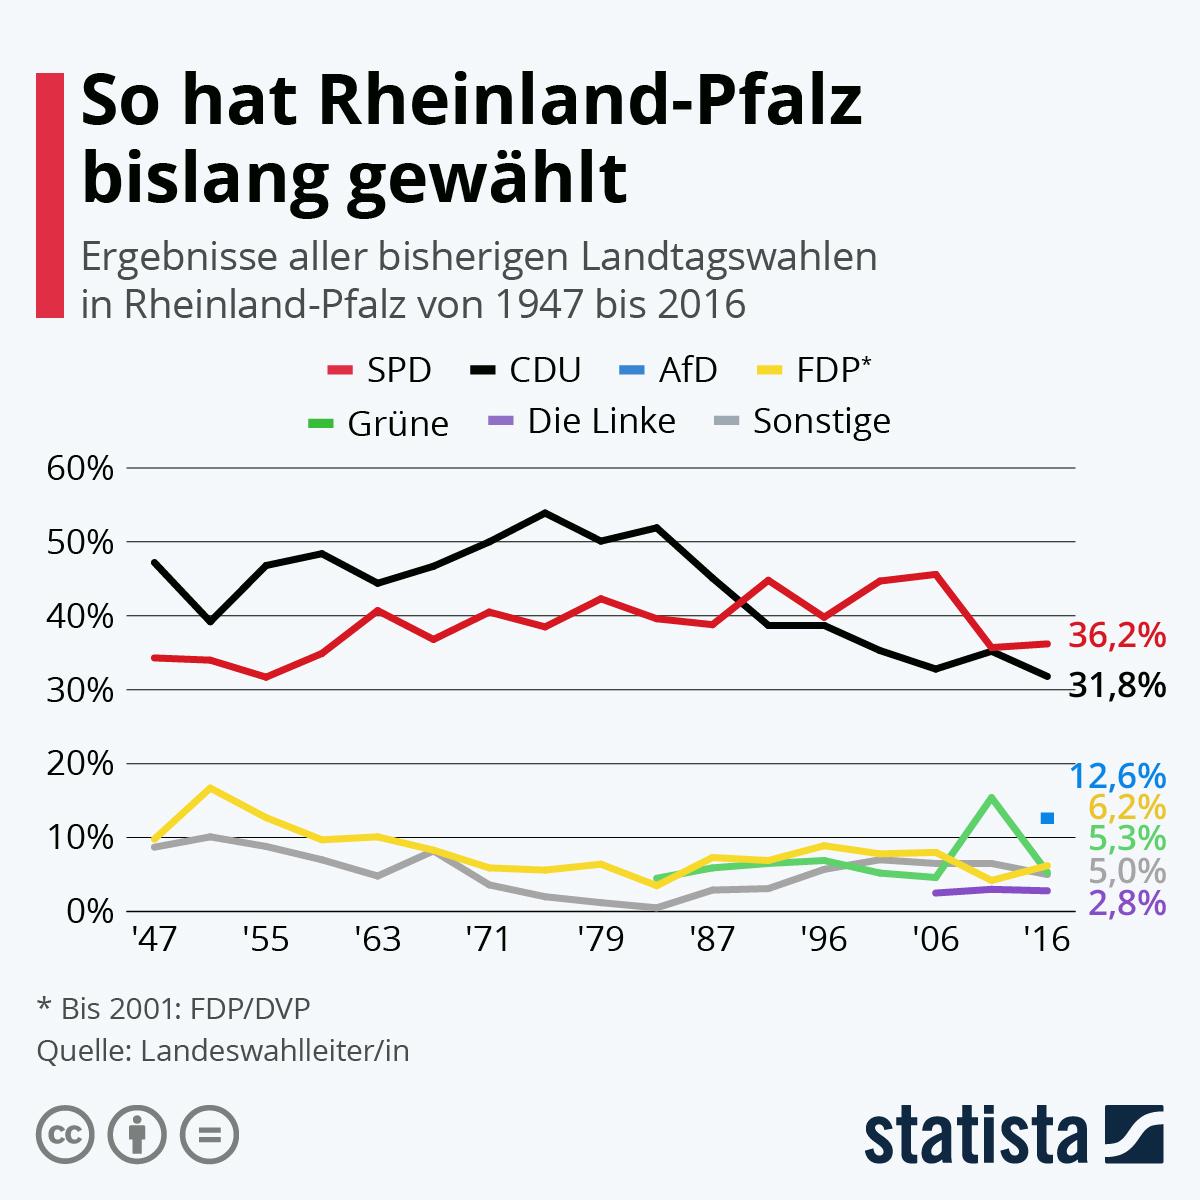 Infografik: So hat Rheinland-Pfalz bislang gewählt | Statista